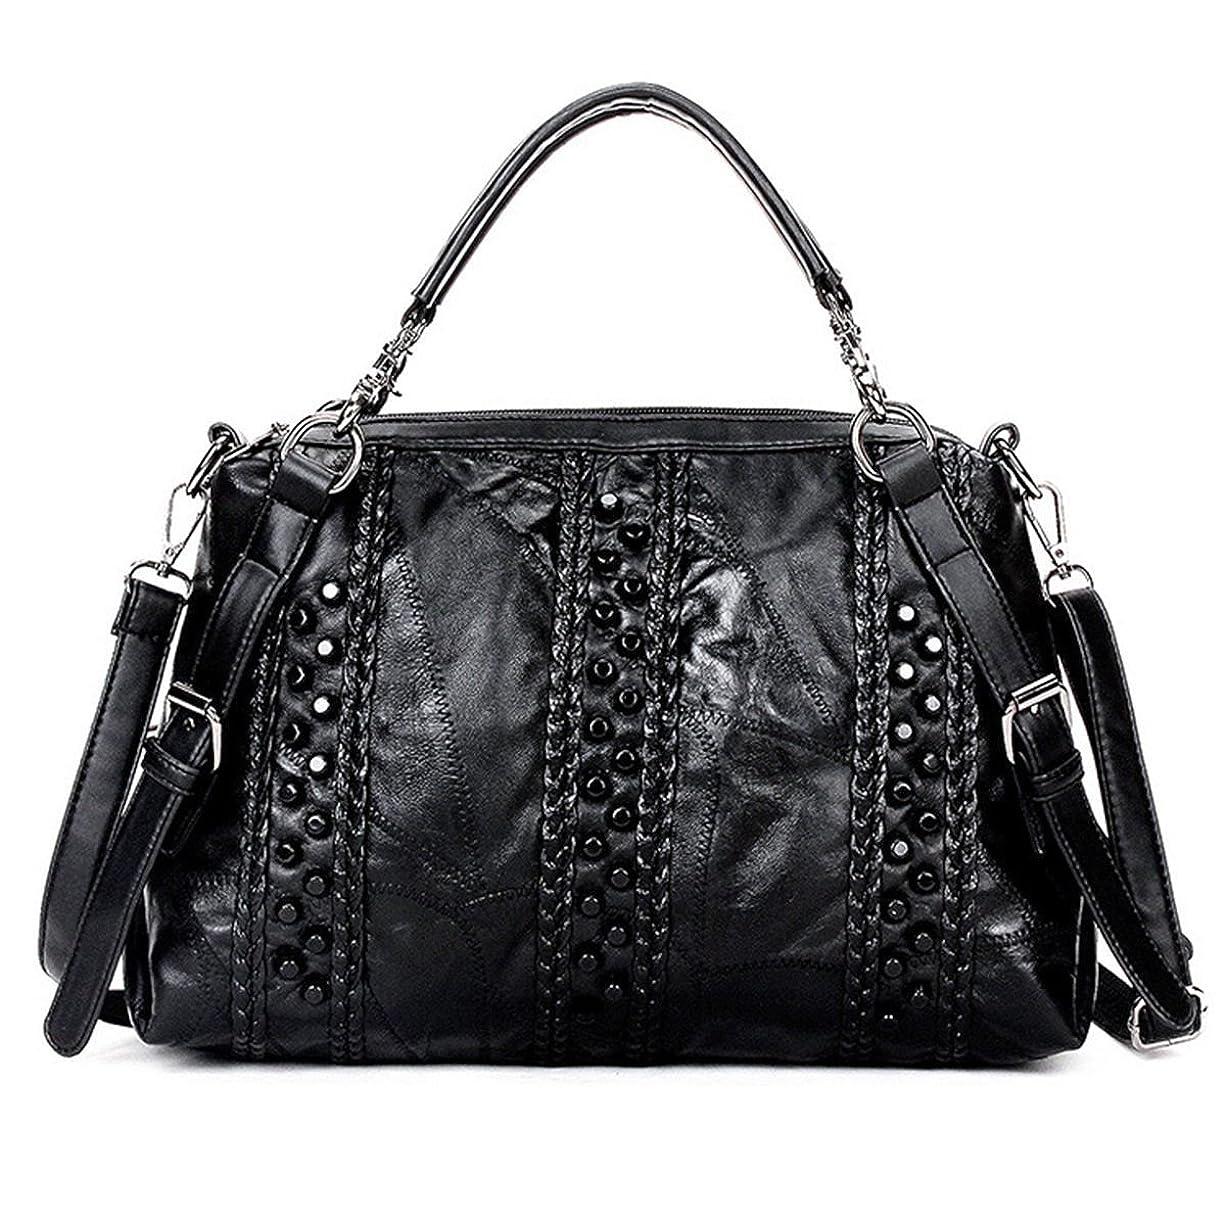 ゴミ食物ギャラントリートートバック/ショルダーバック/ハンドバック/Women Leather Handbag Shoulder Ladies Purse Messenger Satchel Crossbody Tote Bag